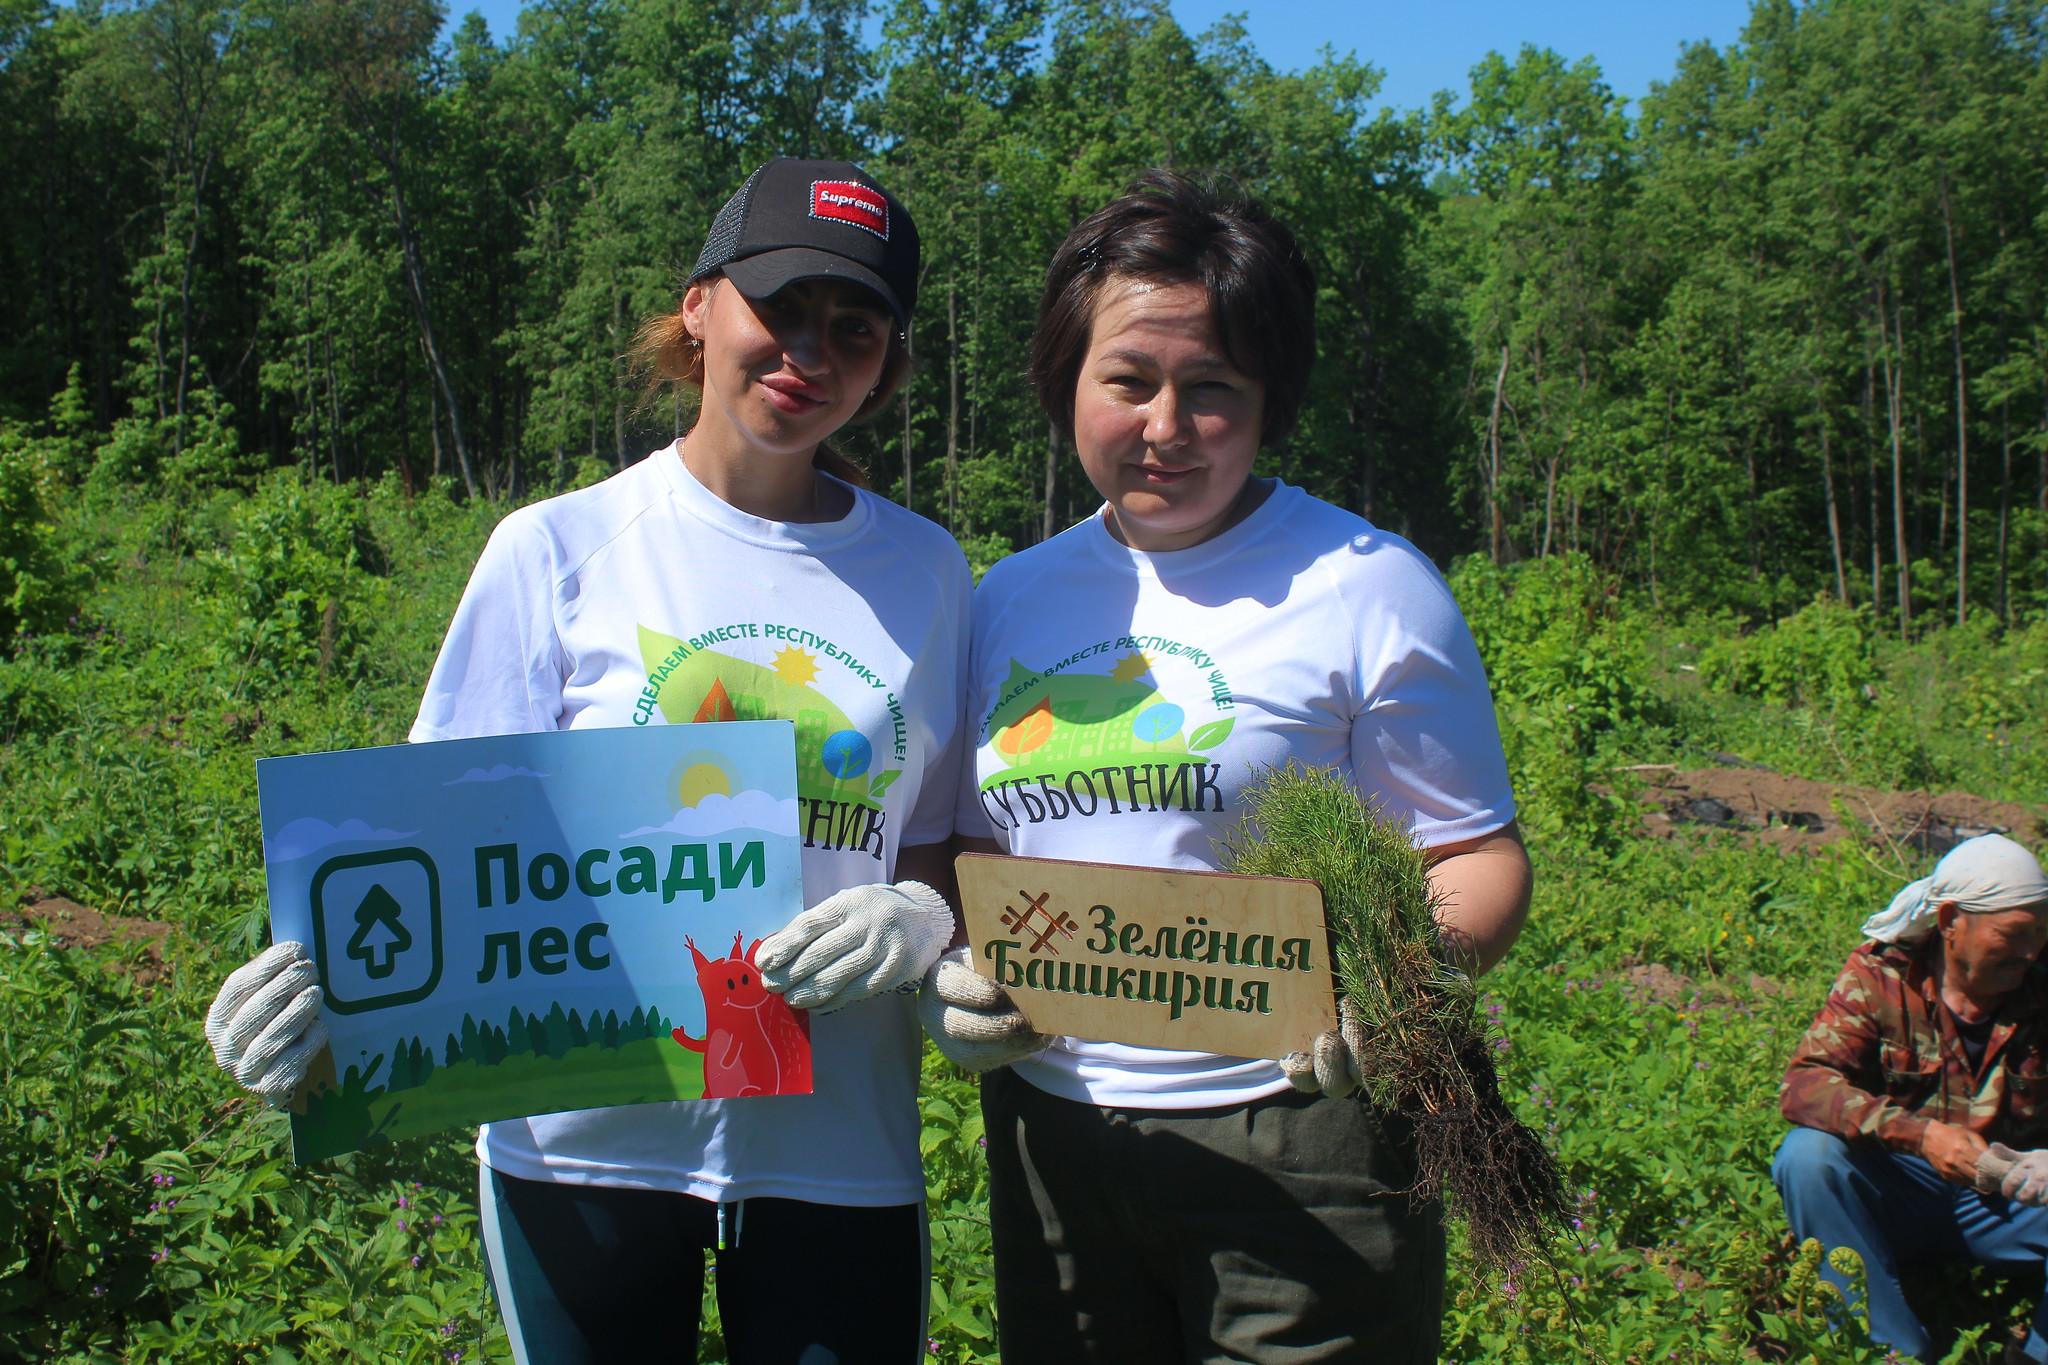 Благодаря проекту каждый человек может принять участие в восстановлении лесов, пострадавших от пожаров и браконьеров